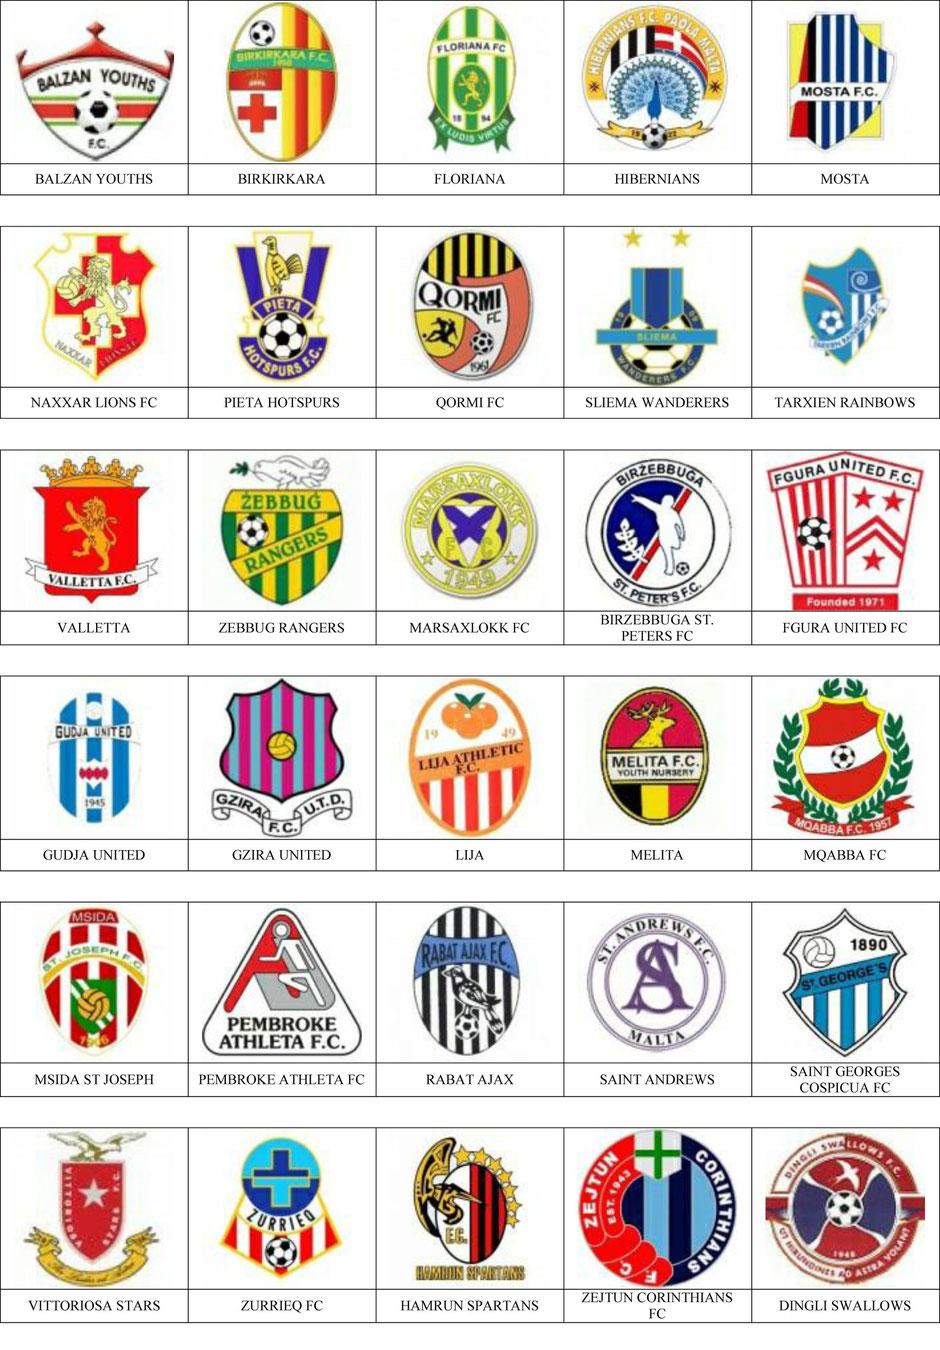 equipos futbol malta